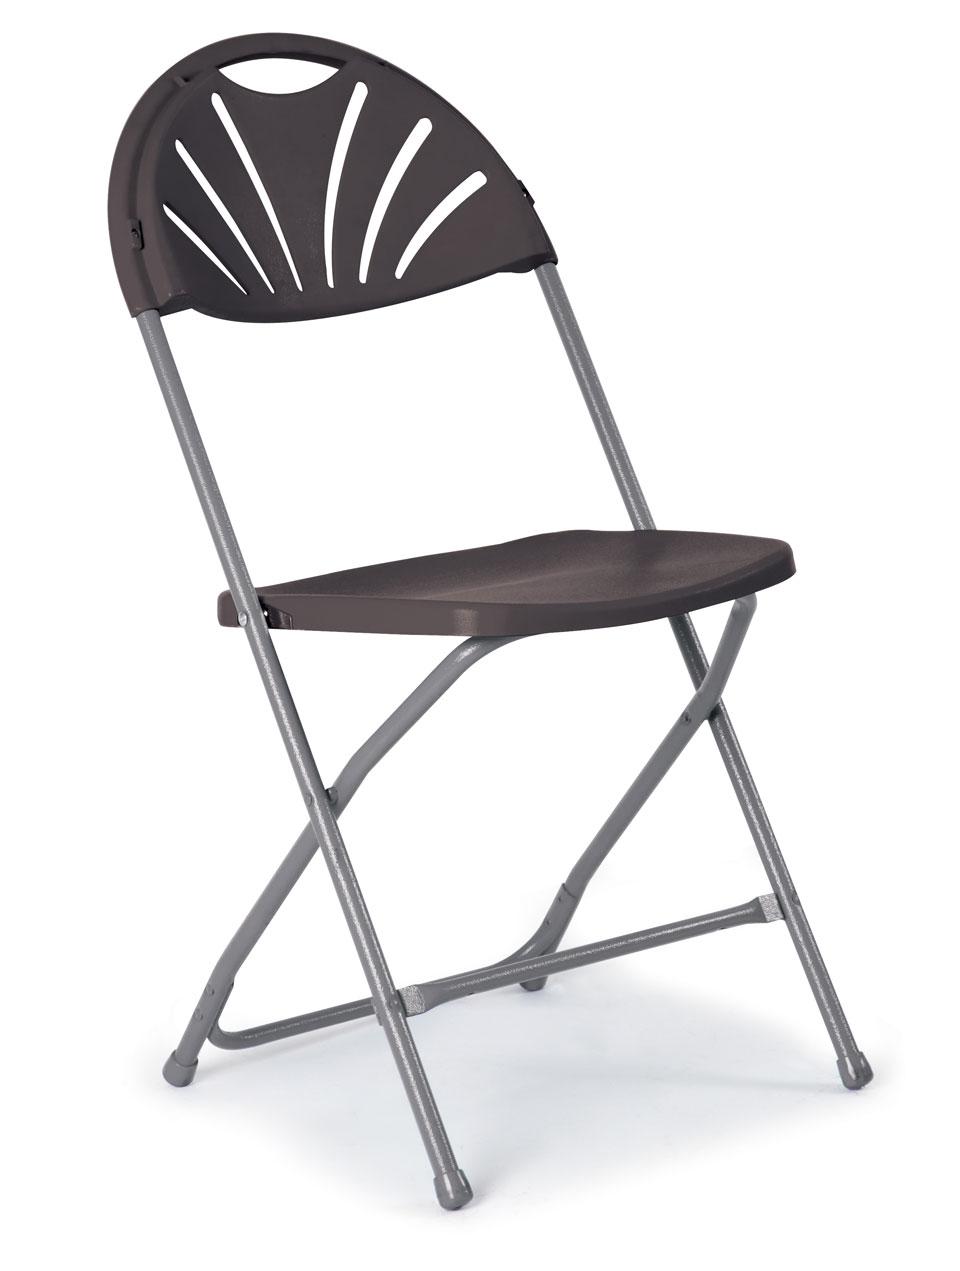 Fan Back Folding Chair Welsh Educational Supplies